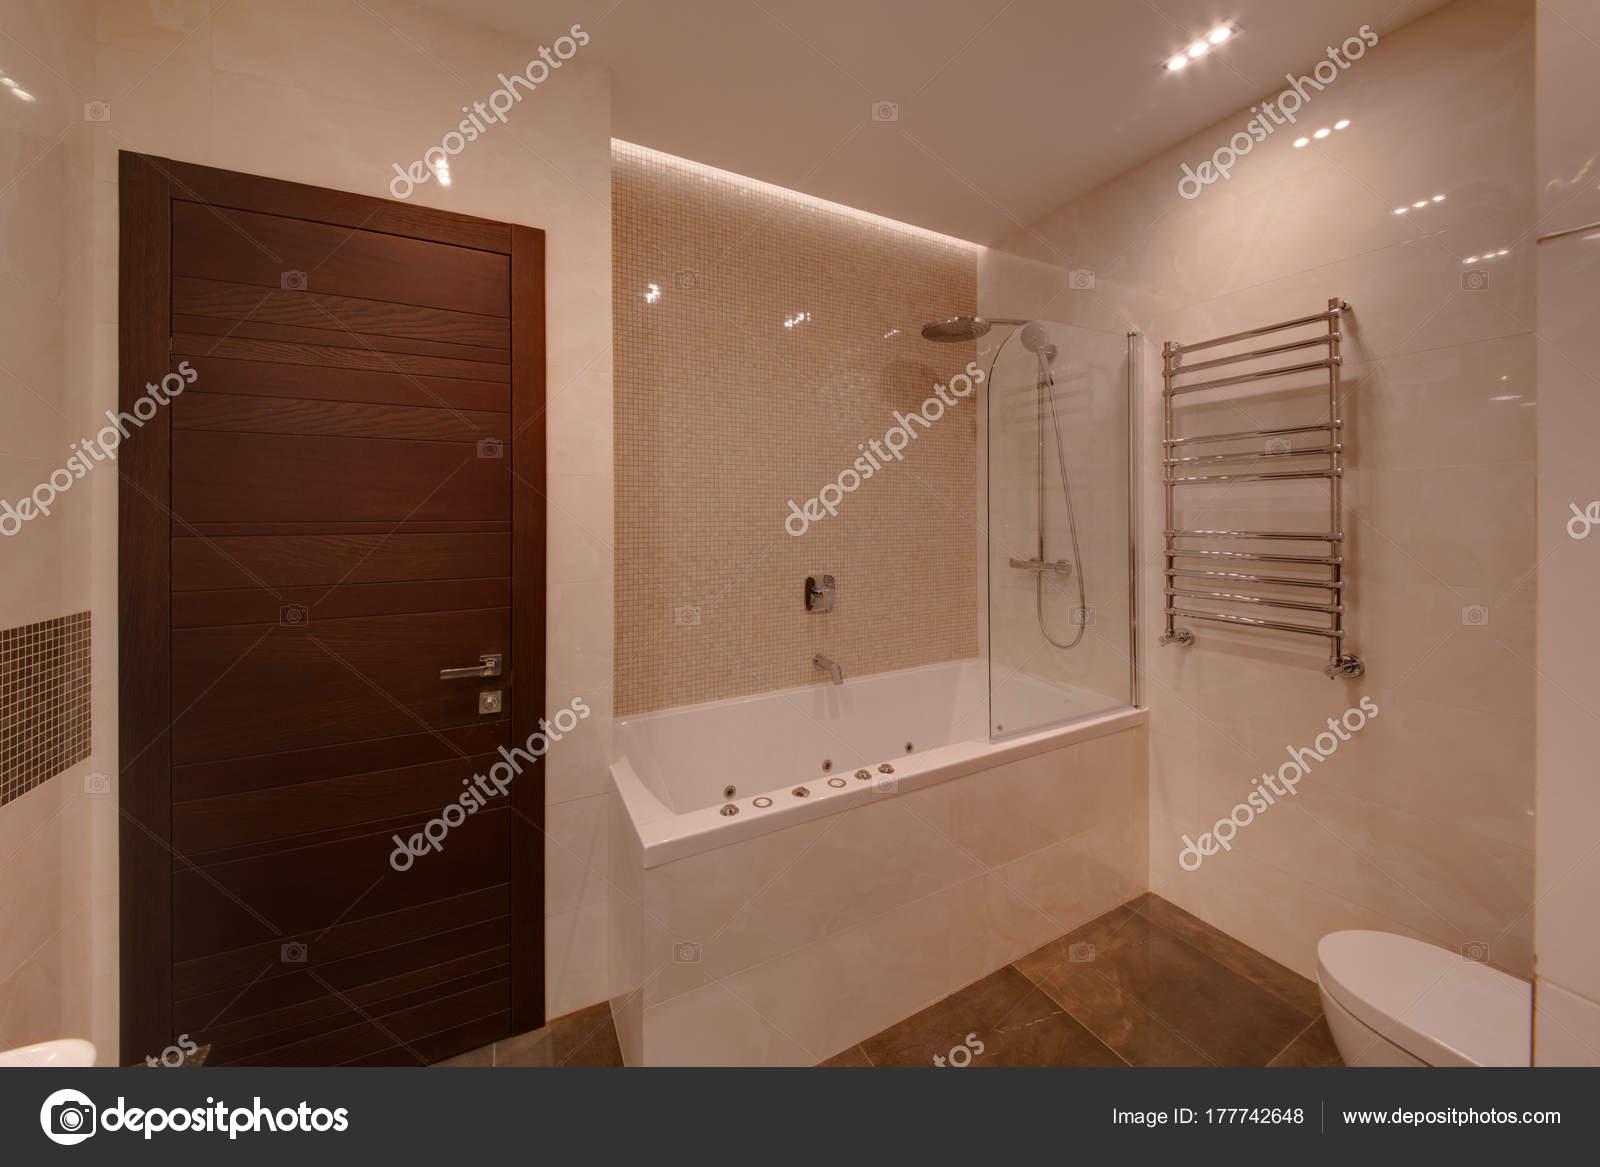 Une Salle Bain Avec Une Salle Bain Rectangulaire Une Douche ...